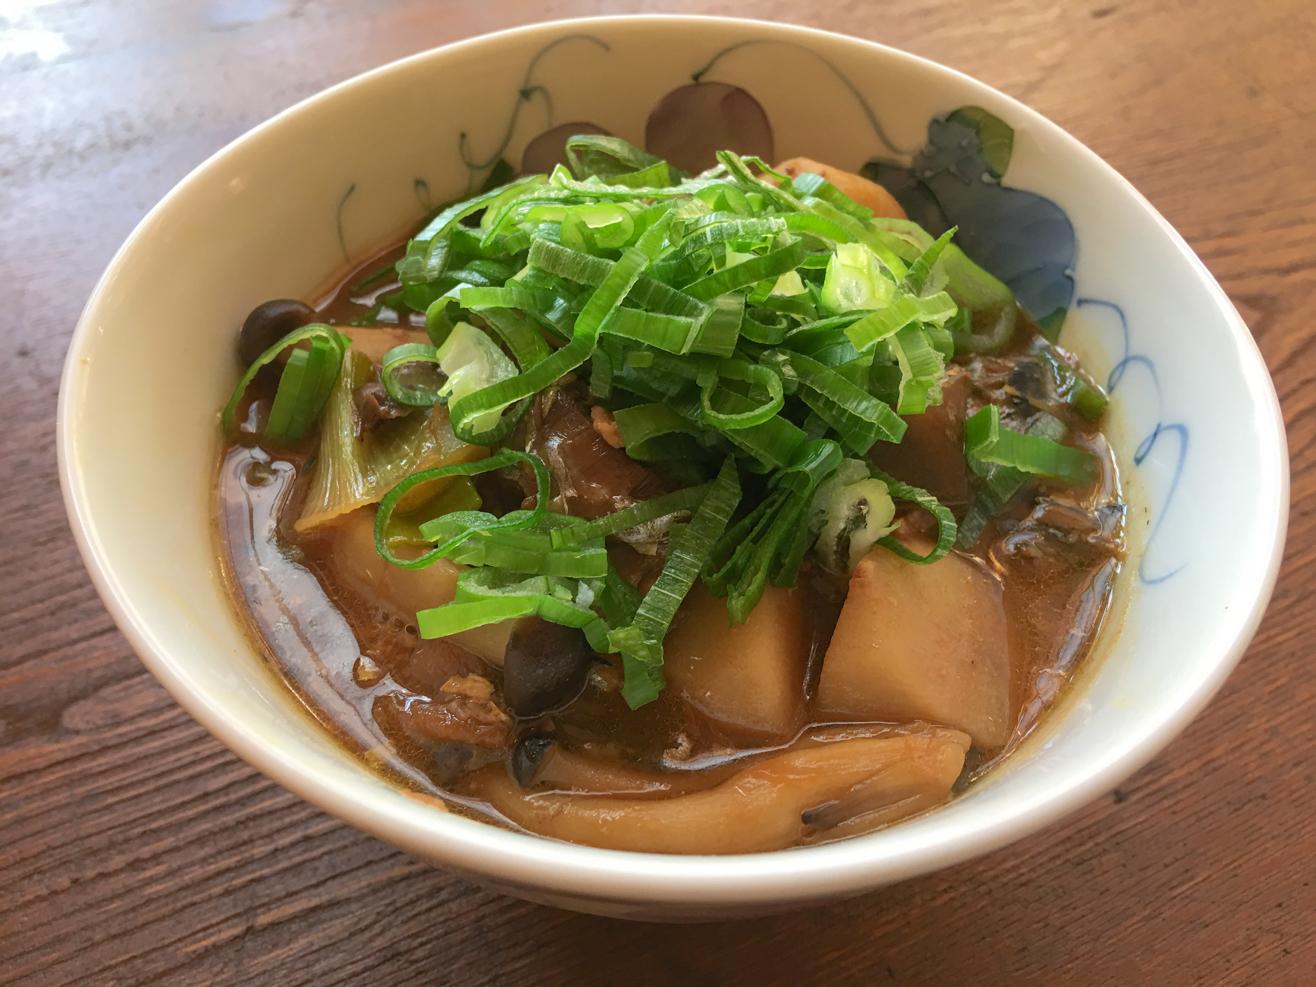 鯖缶味噌汁ごぼうと里芋の写真